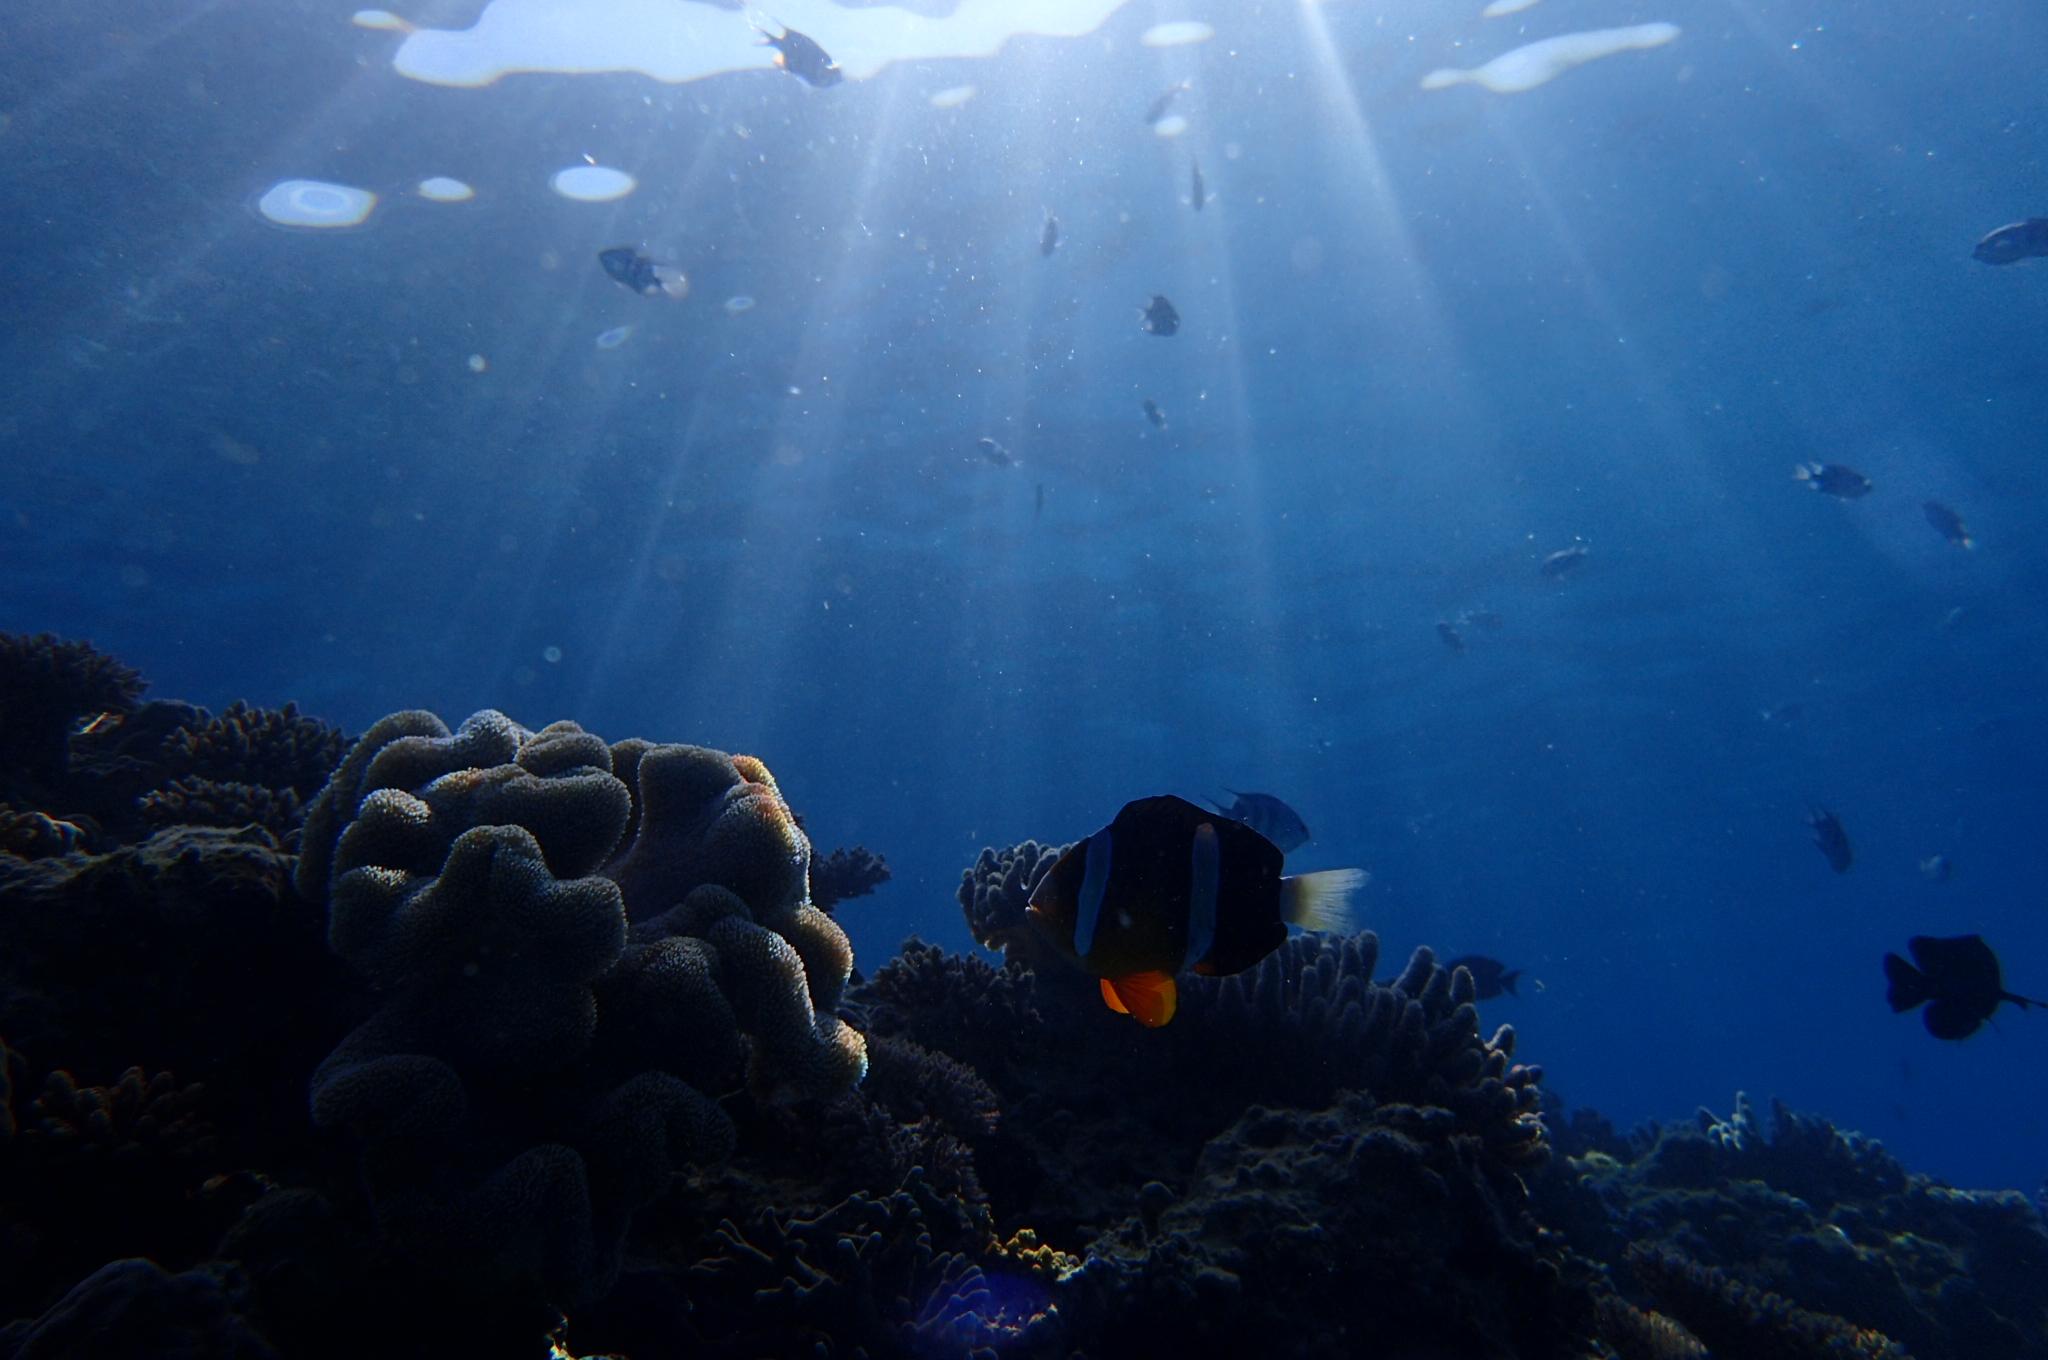 沖縄の海は年中潜れまーすよー!